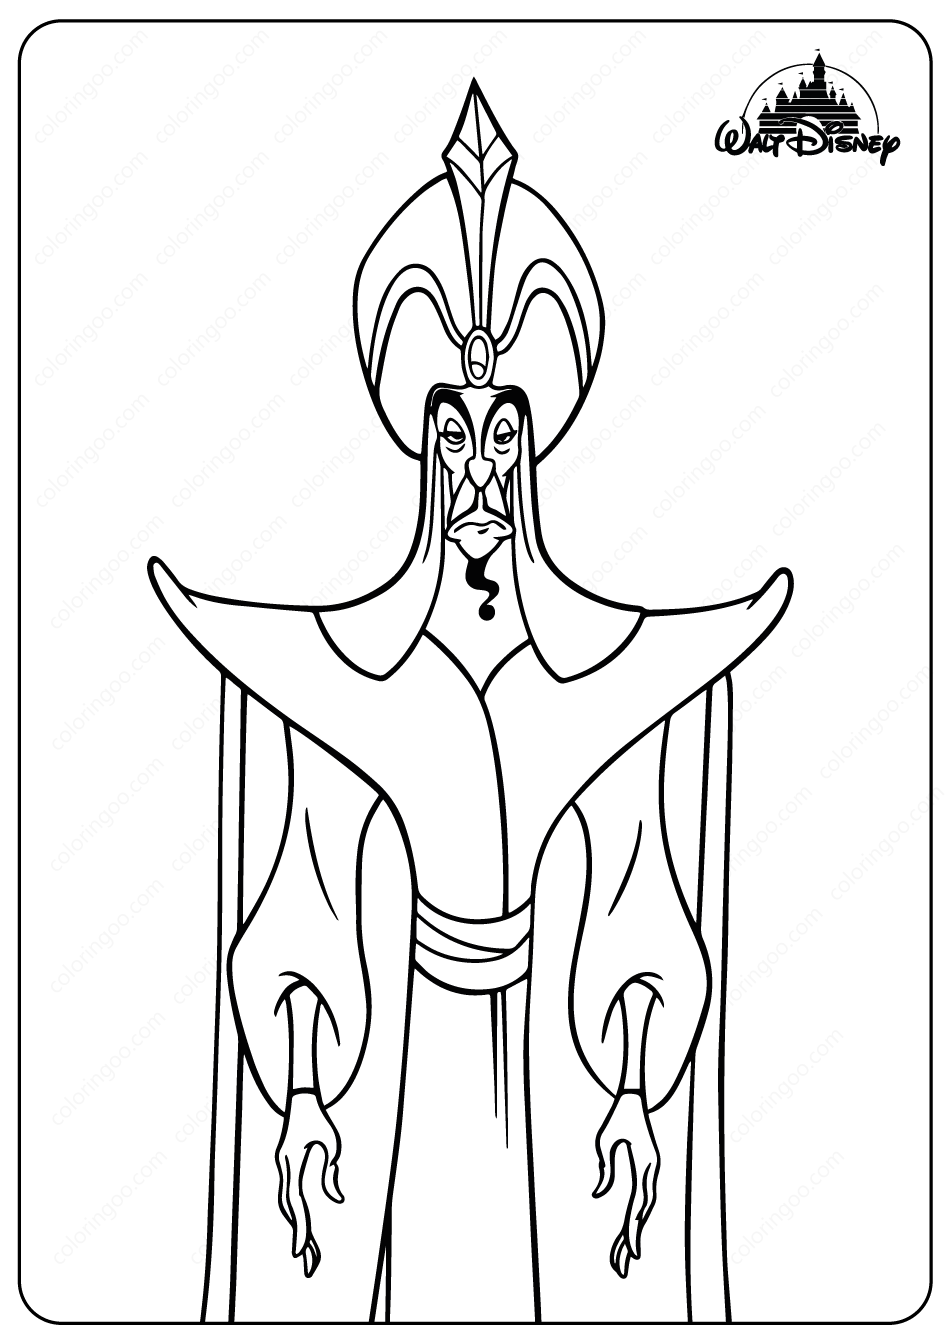 The Evil Sorcerer Jafar Coloring Pages Disney Coloring Pages Coloring Pages Disney Drawings